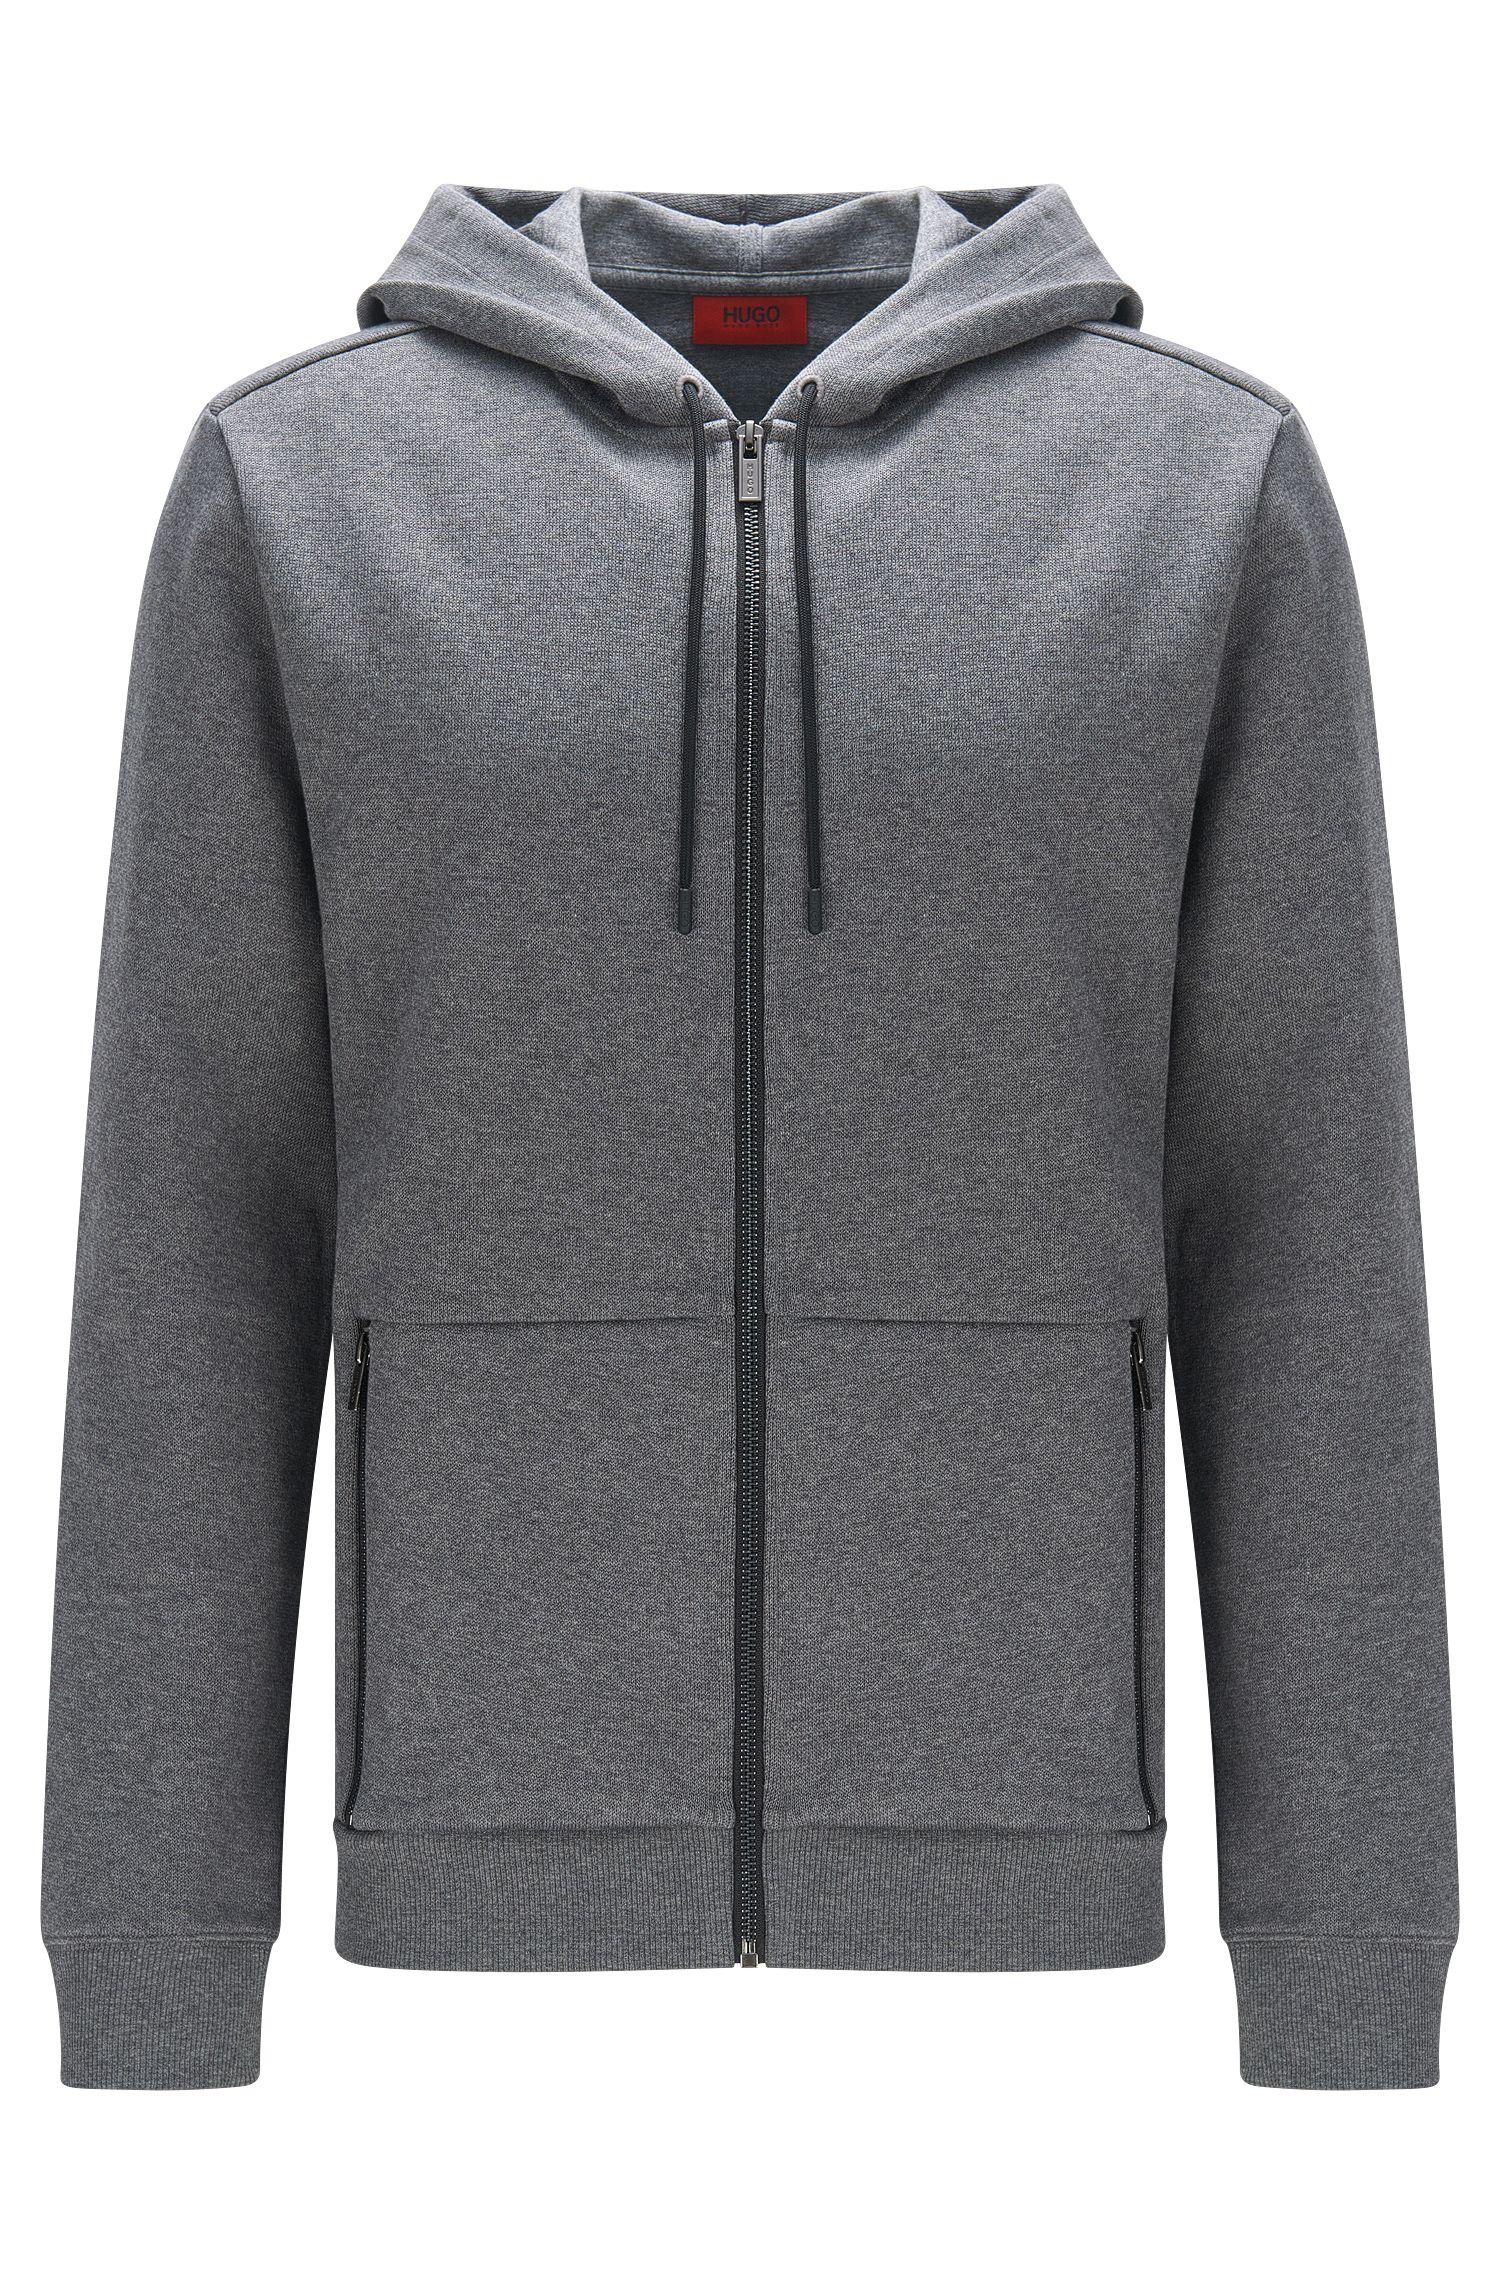 Cotton Hooded Sweatshirt | Dampton